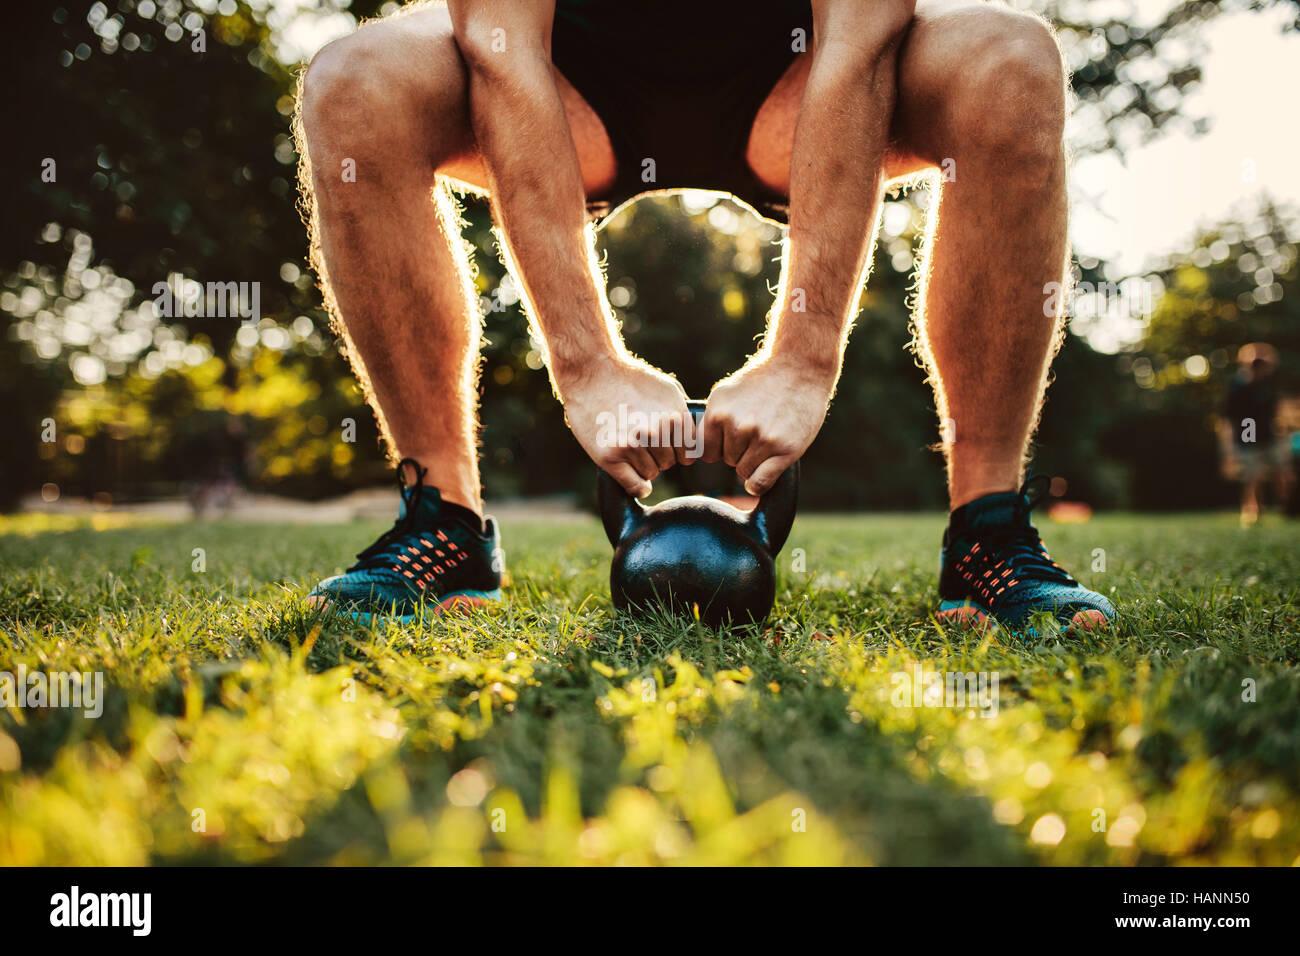 Schuss von Fit junger Mann dabei Kettlebell Training im Park, Fokus auf Händen mit Wasserkocher Glocke auf Stockbild